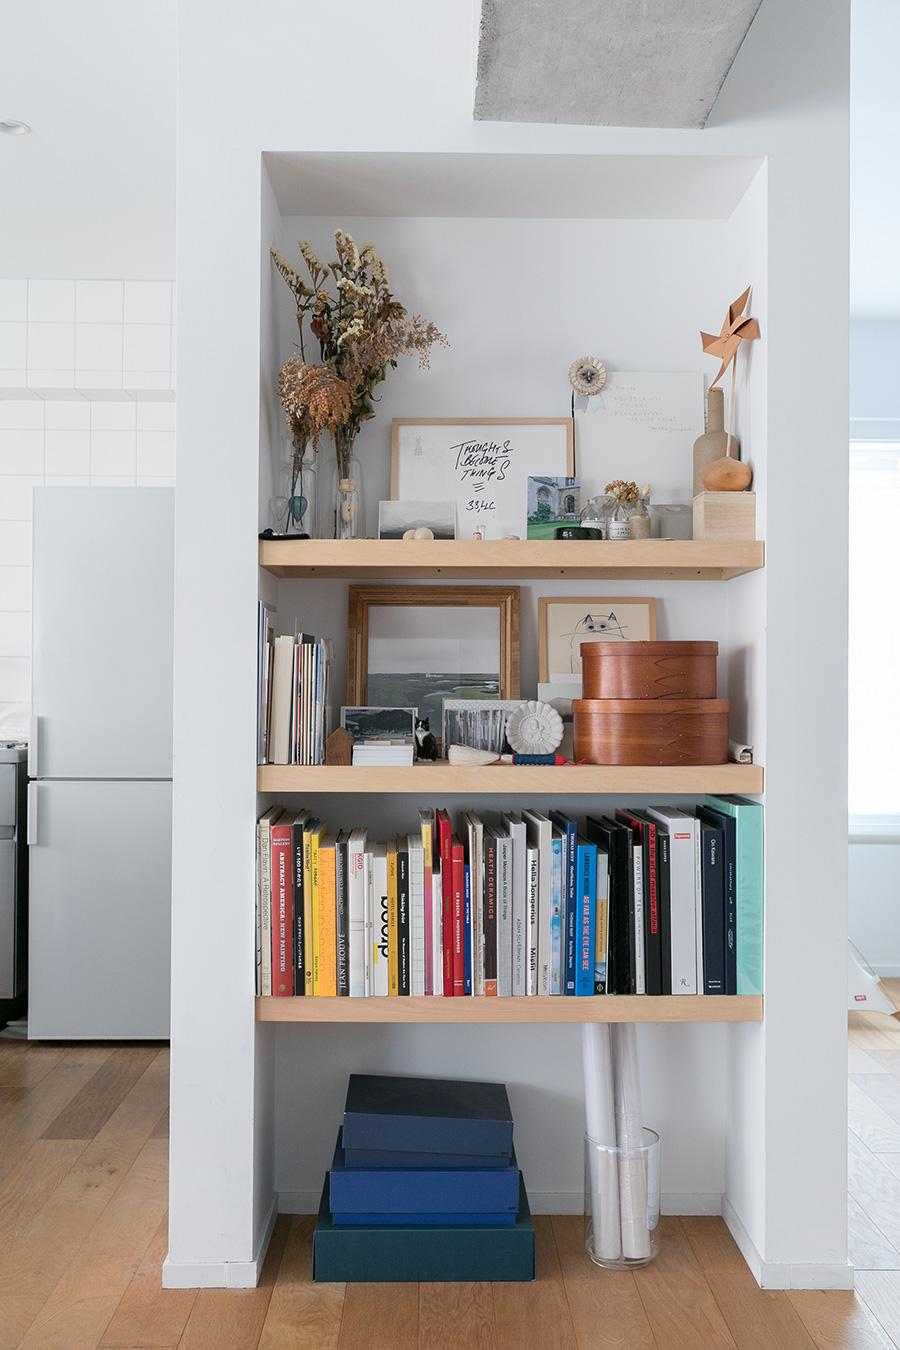 梁の下に作り付けの棚を作った。厚みのある棚板のバランスが抜群。「棚の中にあるものは日に日に変わっています」